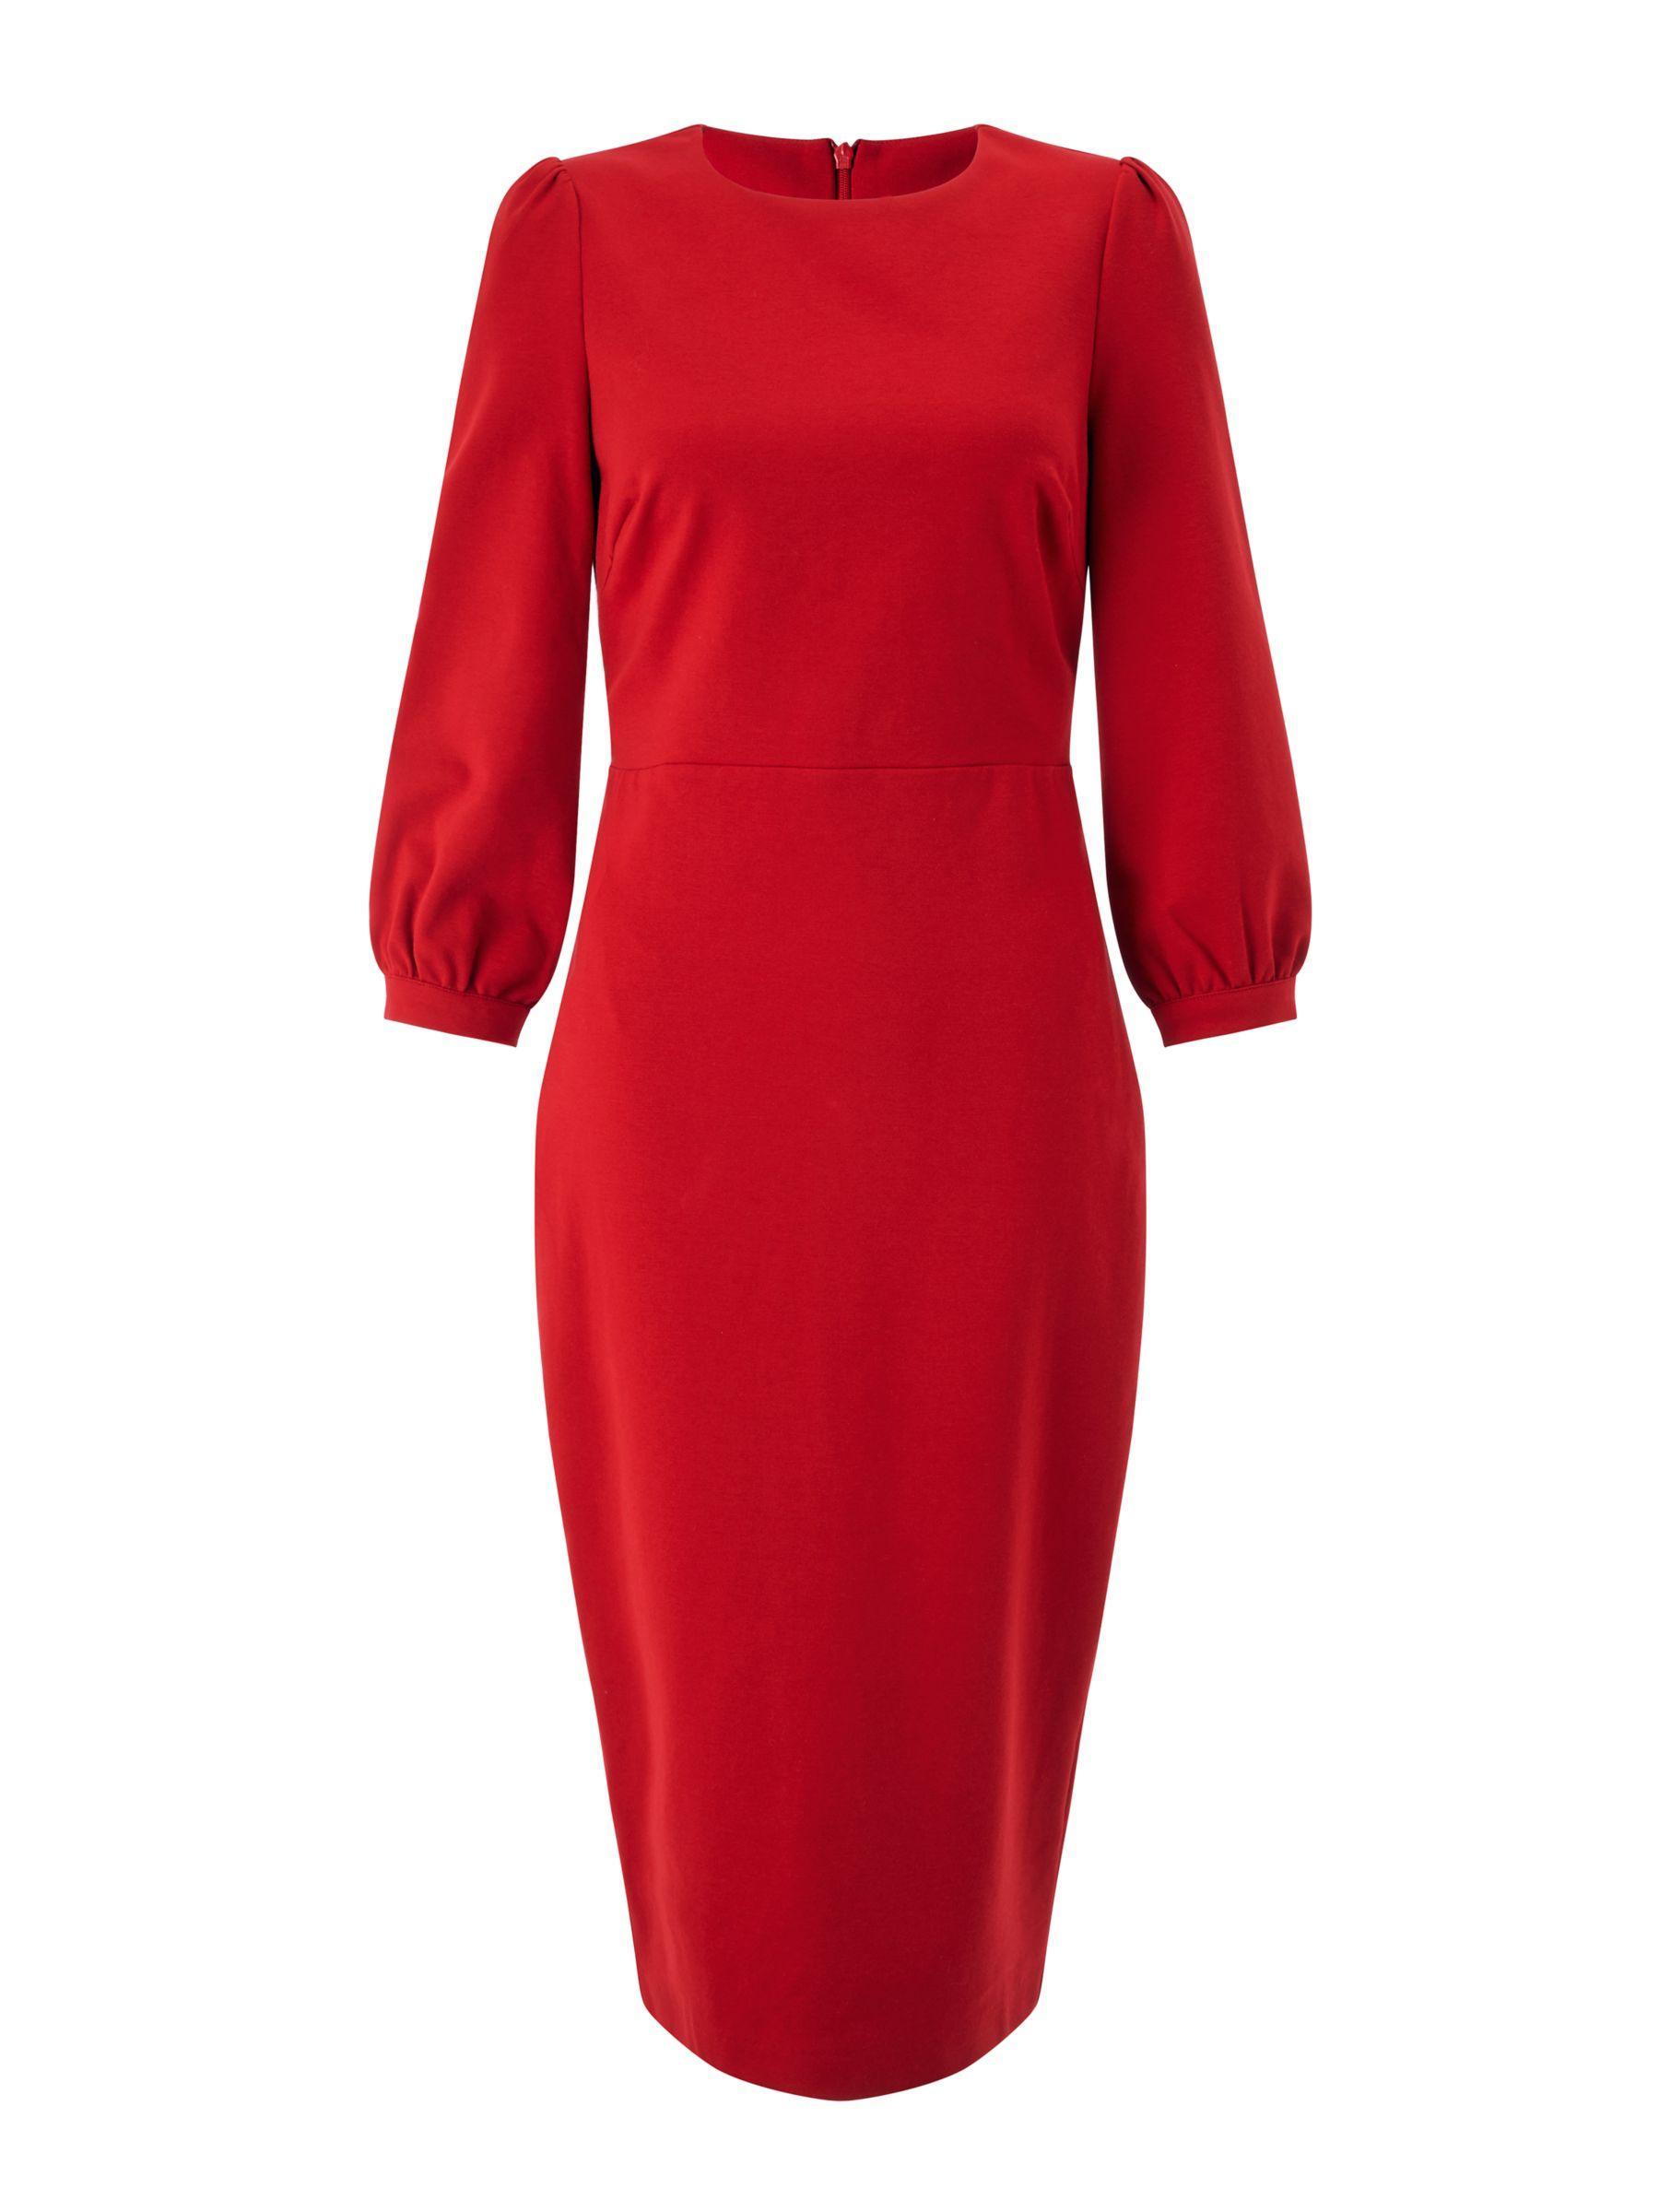 Boden Josephine Tie Waist Dress In Red Lyst